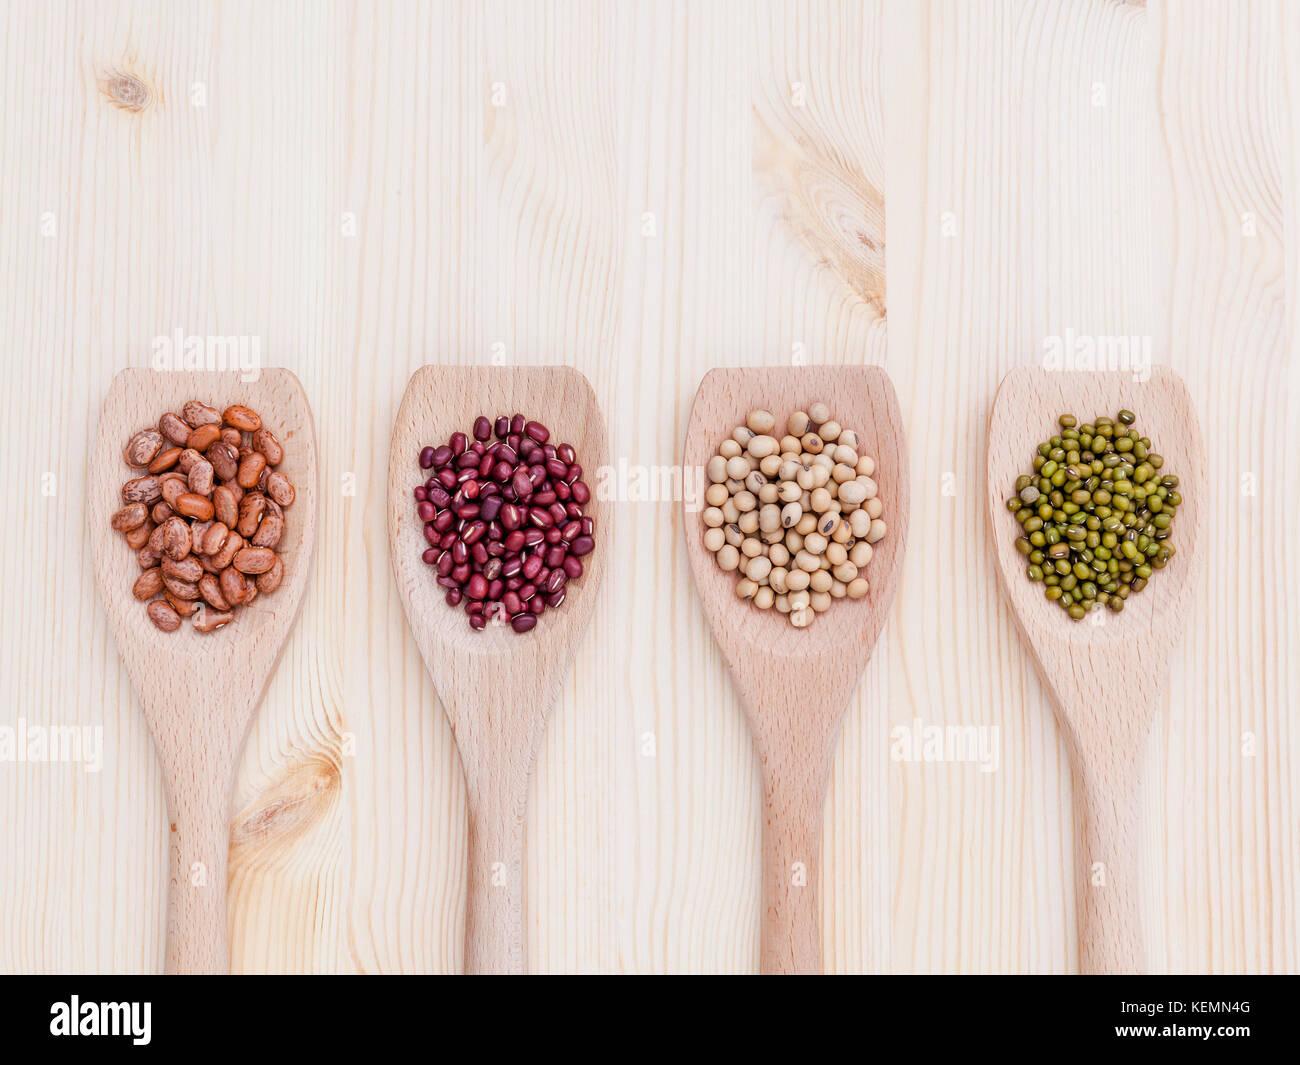 Assortiment de haricots et lentilles en cuillère en bois sur fond de bois. Le soja, haricot mungo , haricot Photo Stock